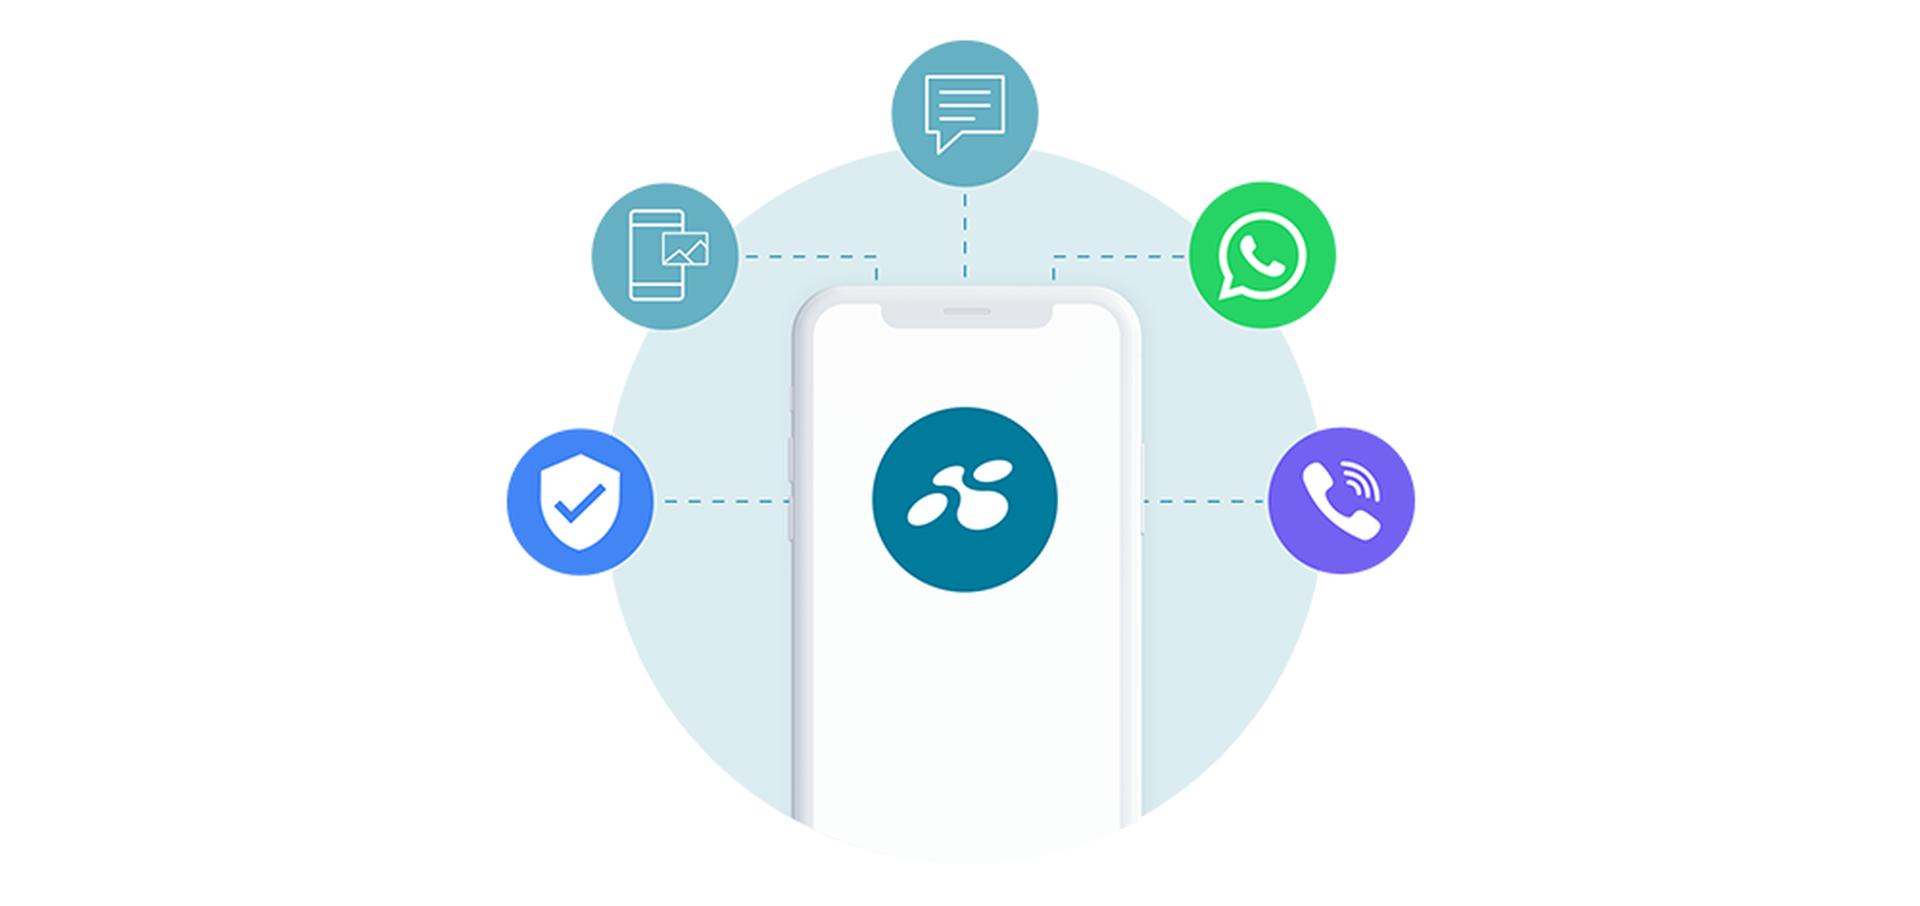 LINK Mobility - Kommunizieren Sie in dem Kanal, in dem sich Ihre Kunden wohl fühlenomer Experience